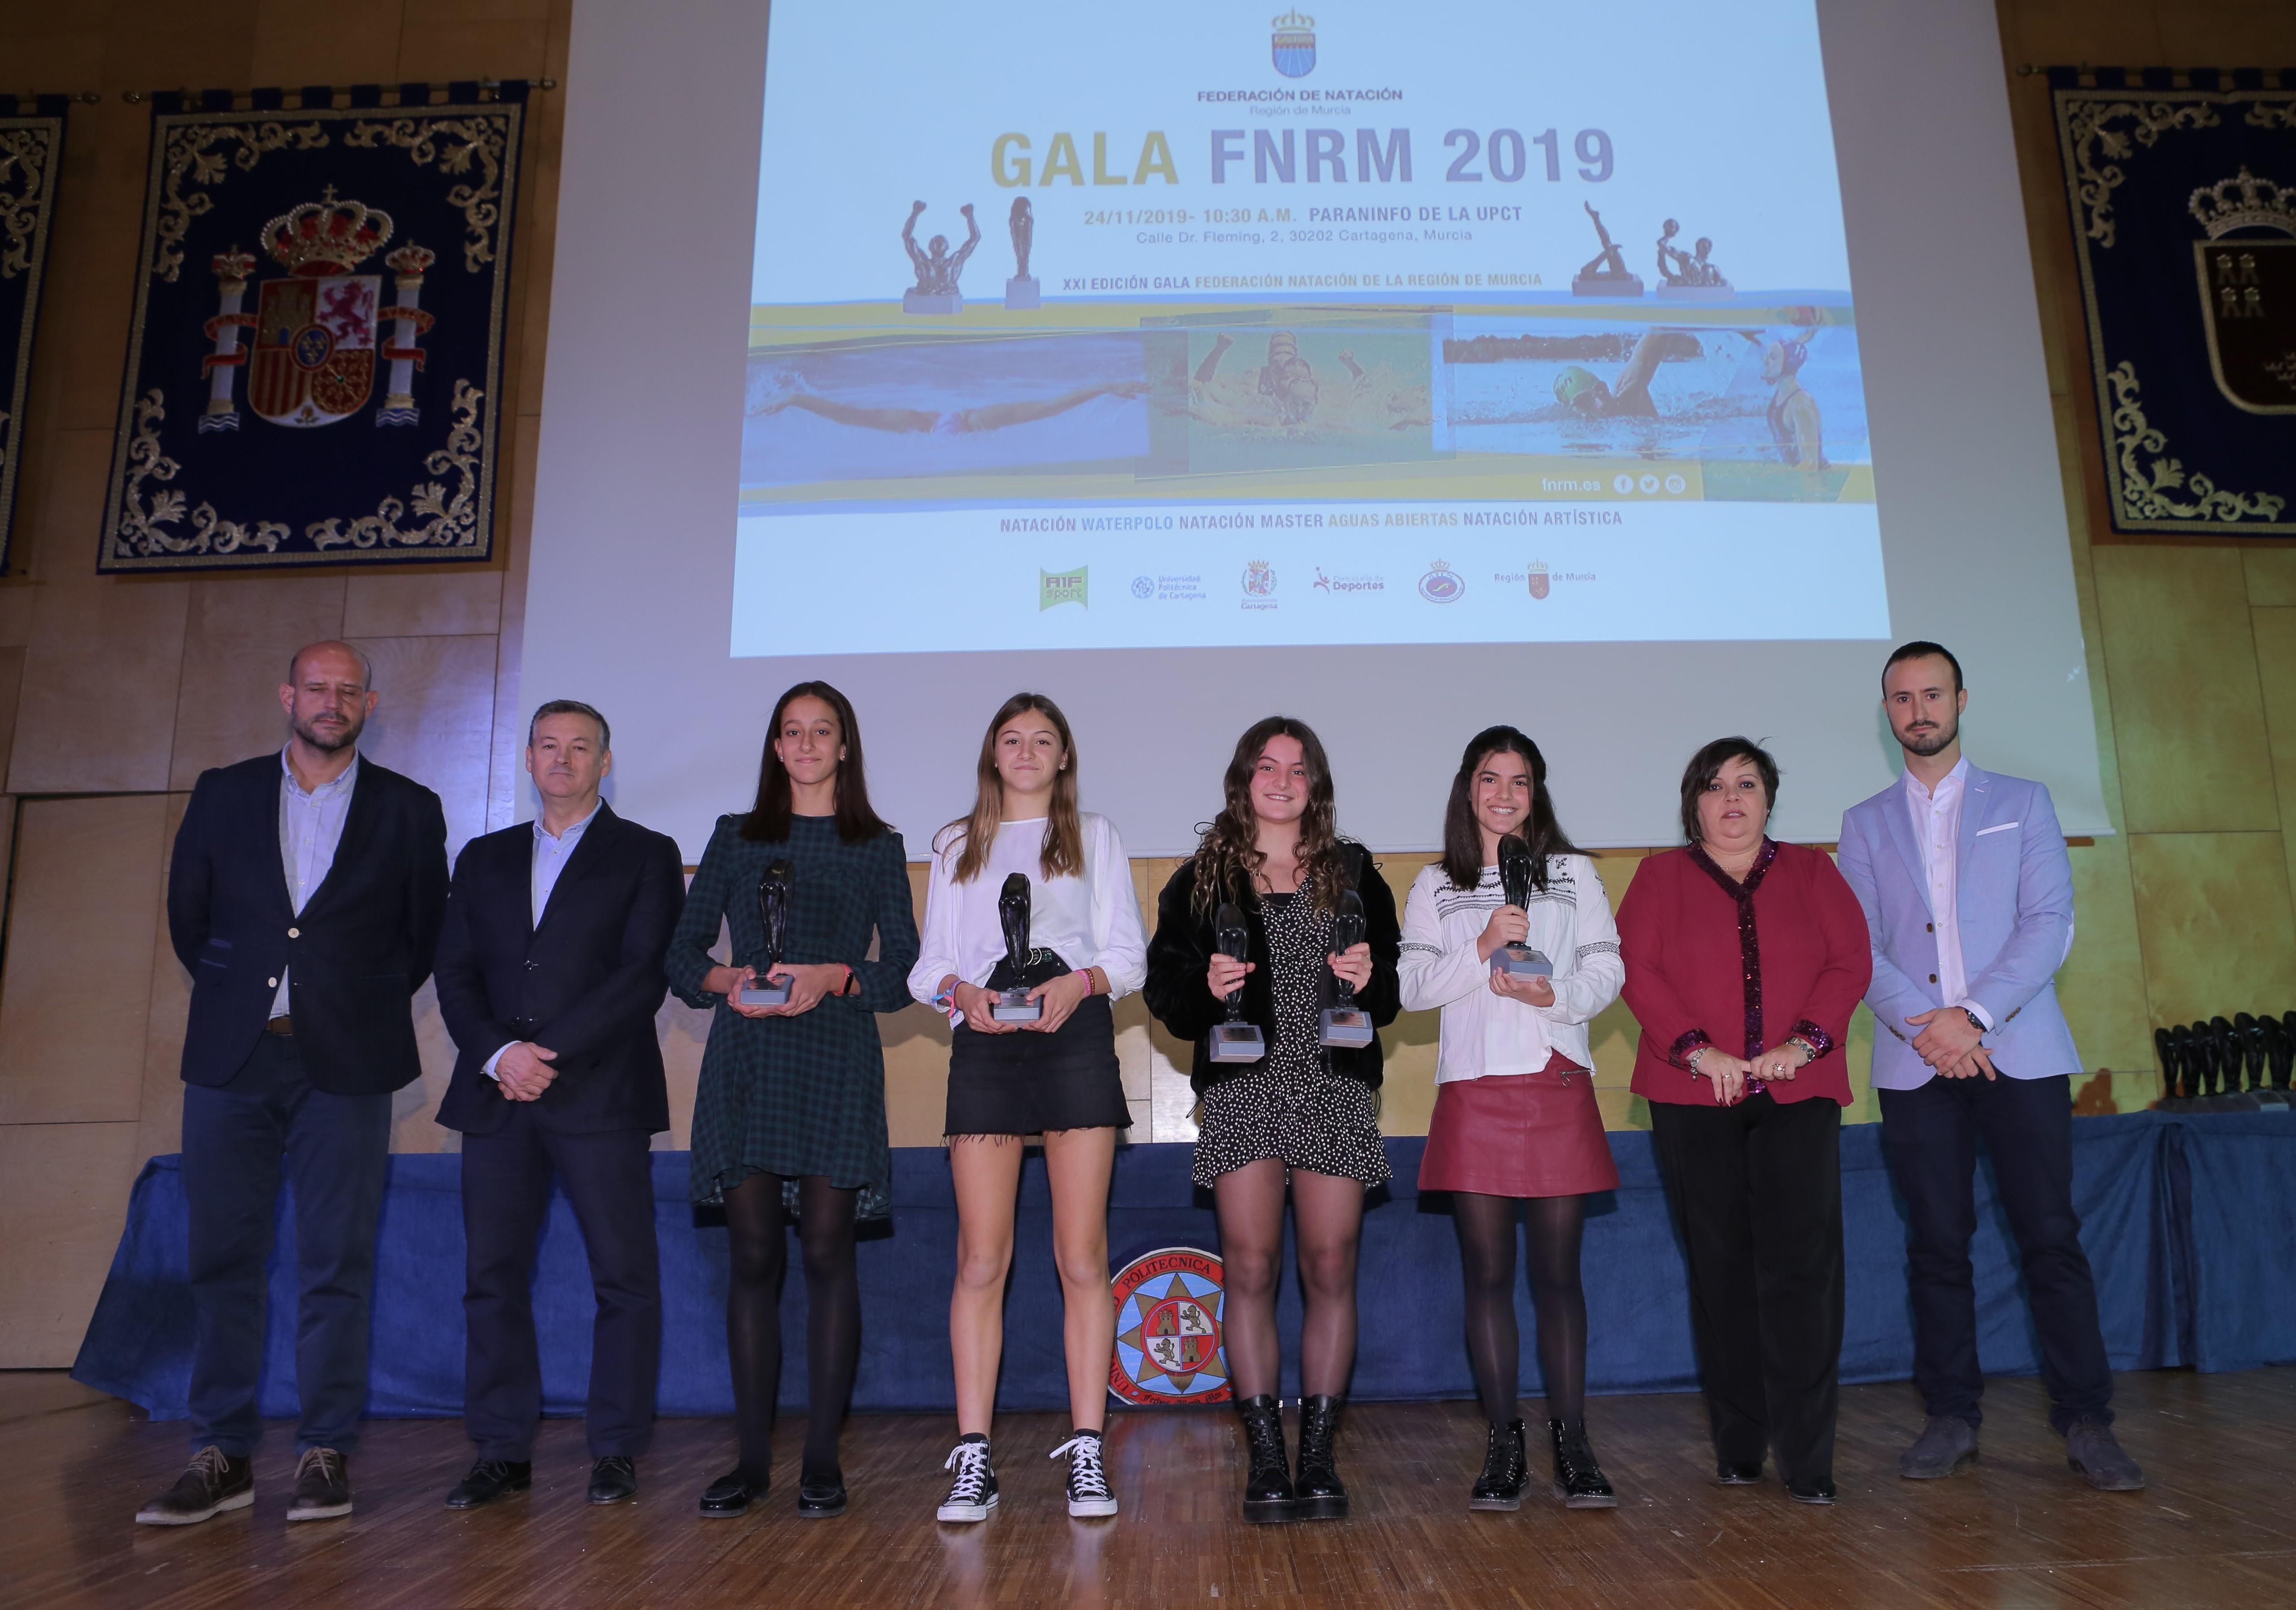 GALA FNRM 2019 (70)